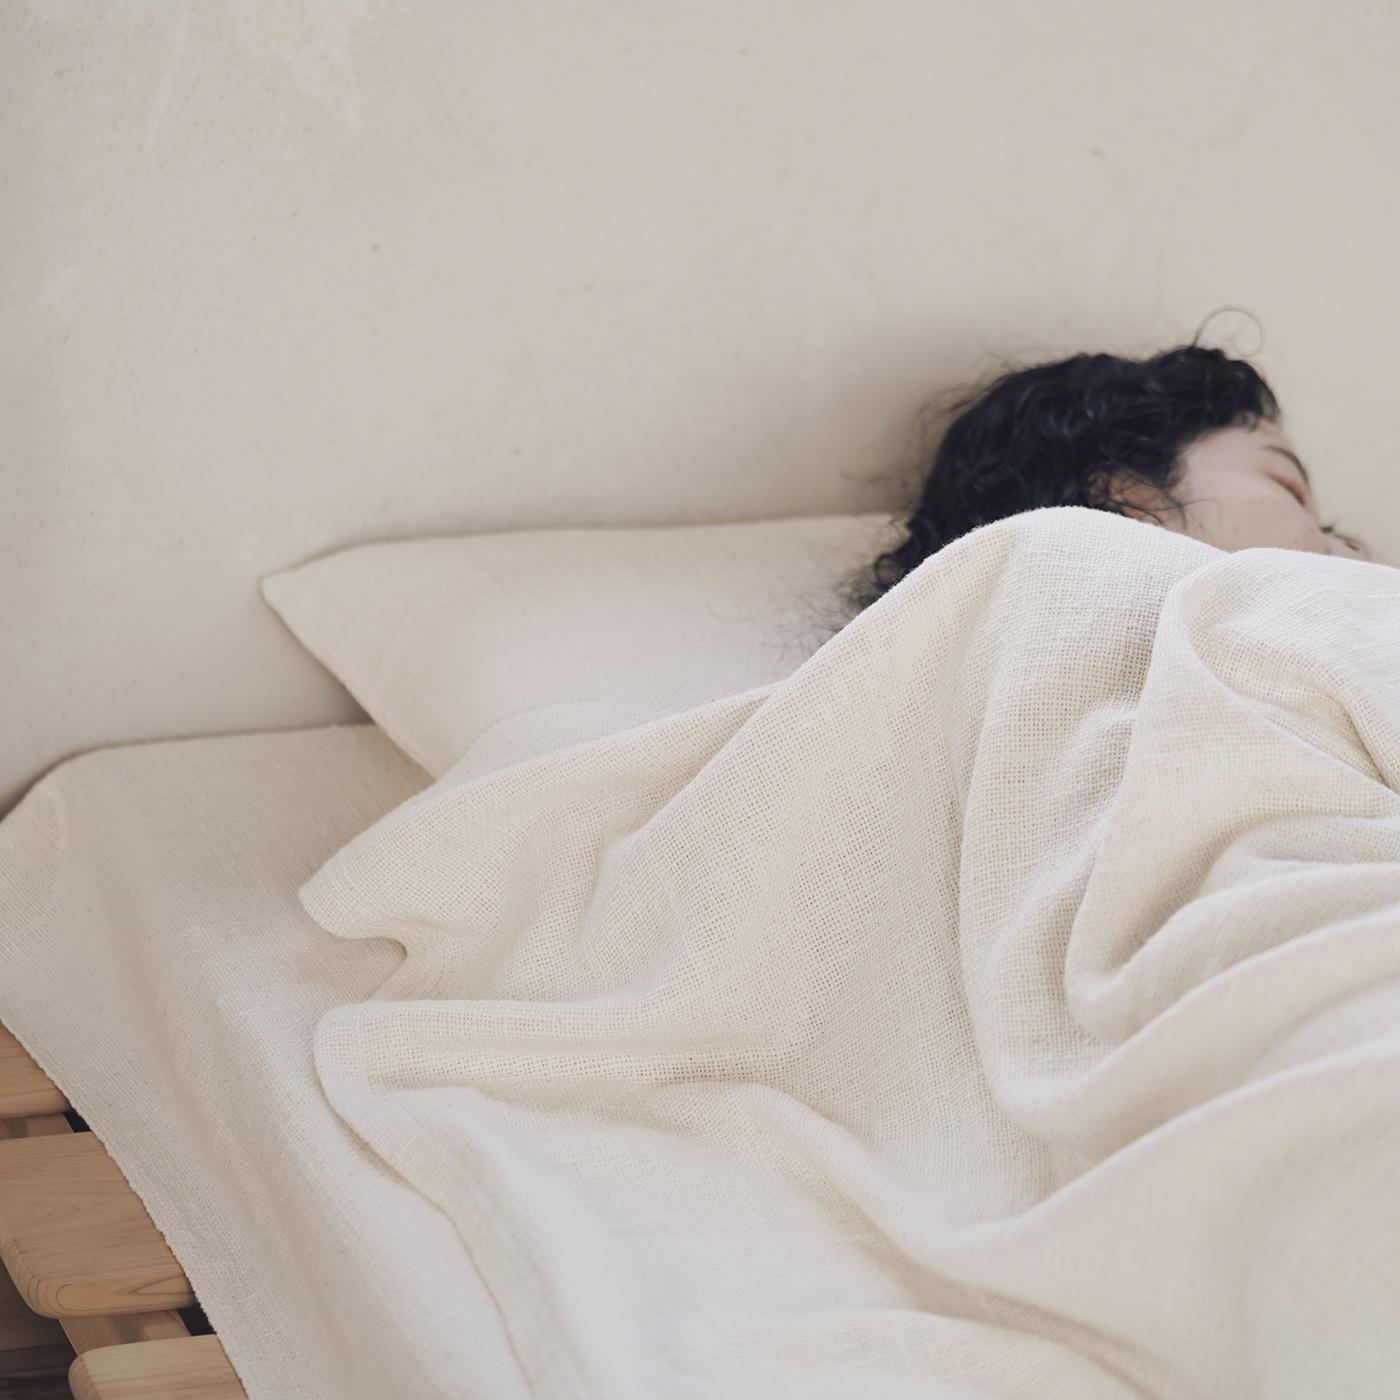 自然の肌ざわりとぬくもりを全身で実感。一年中活躍する|ガラ紡のシーツ